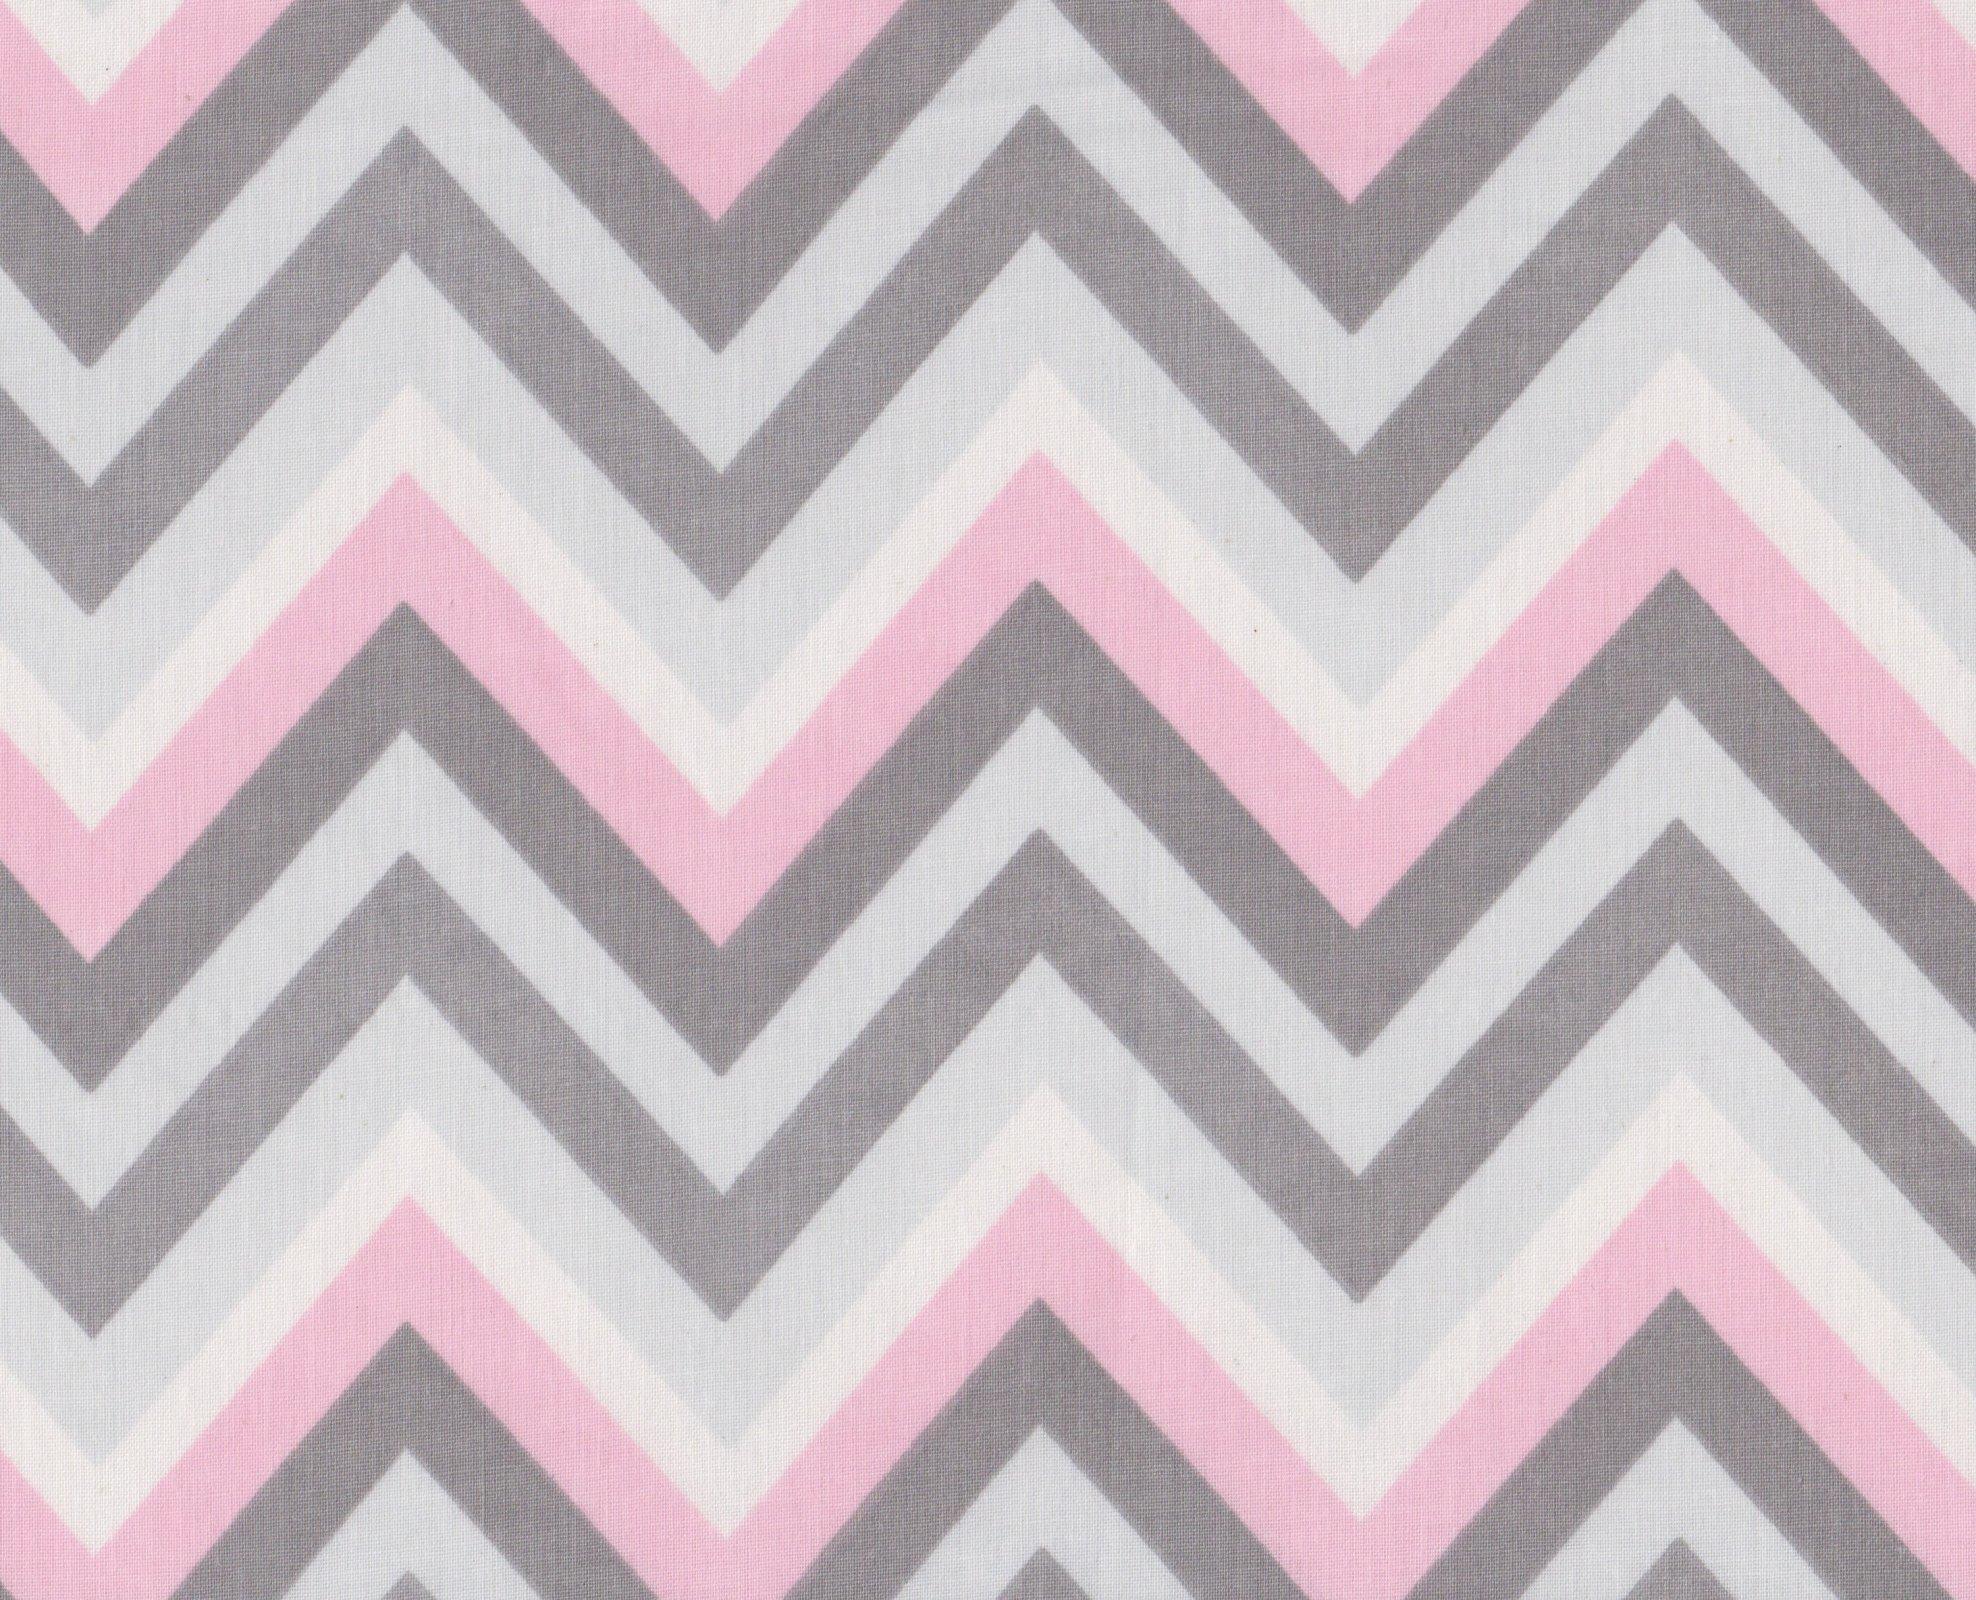 PROMO* FT-Chevron Prints - Pink & Grey